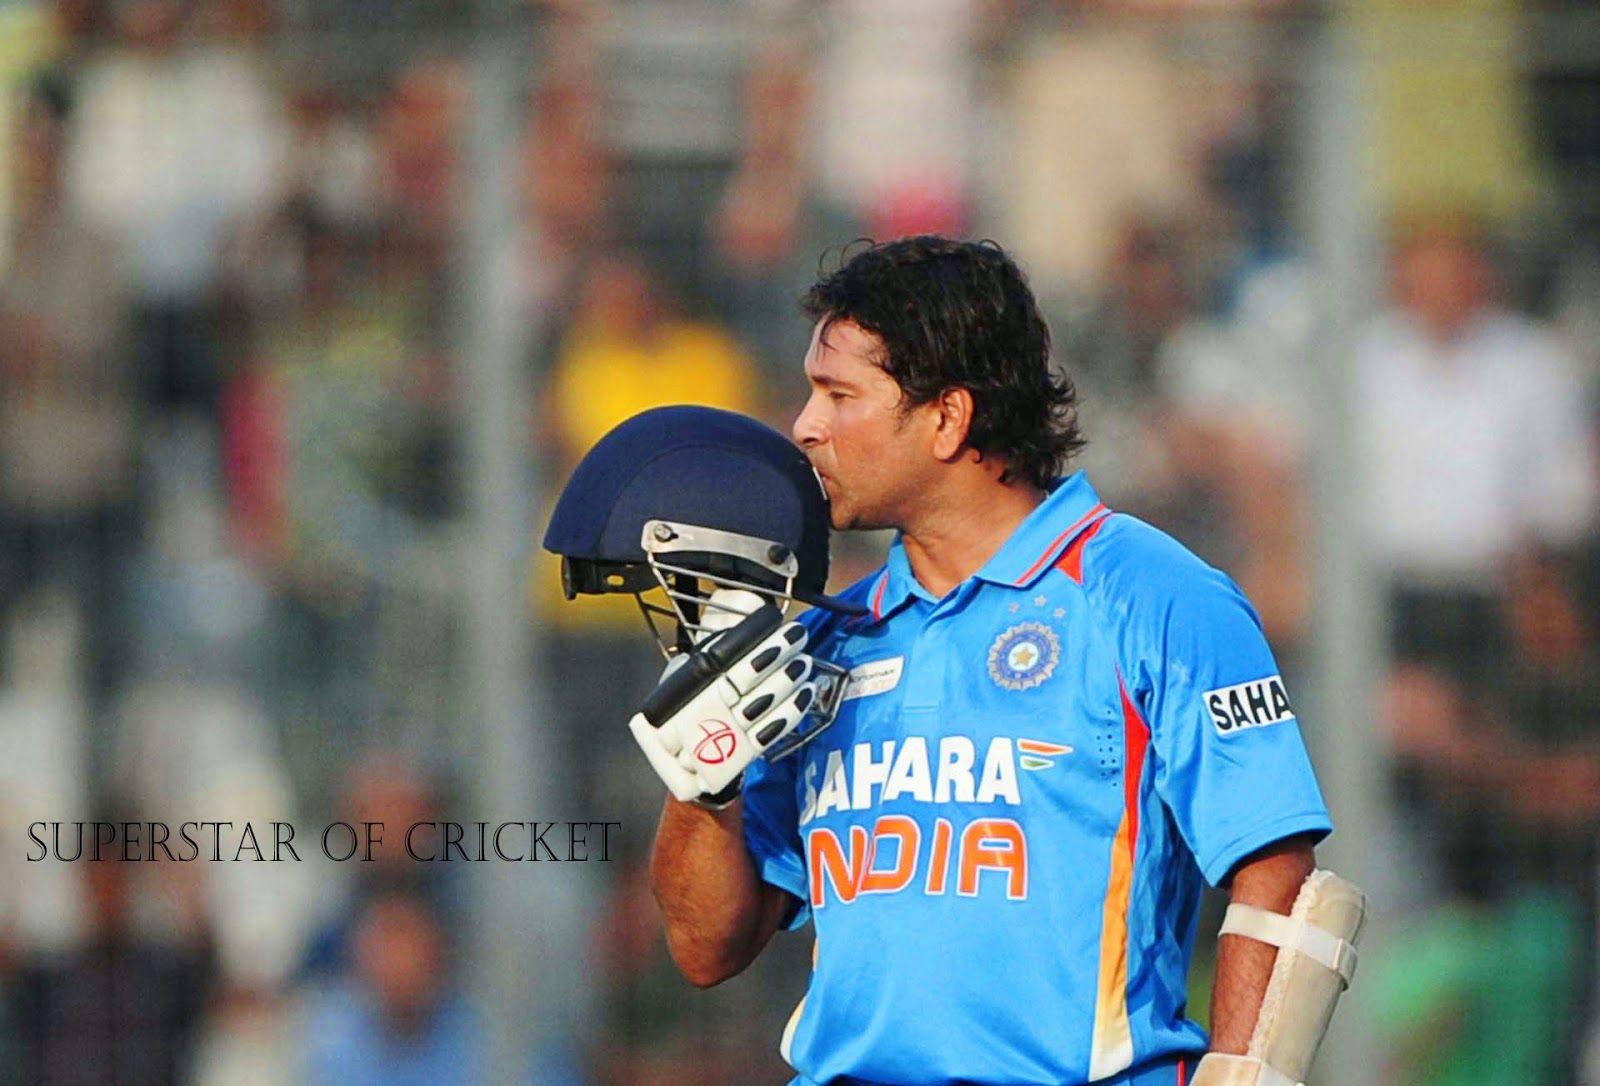 Indian Cricket Hd Wallpapers: Wallpaper's Station: Sachin Tendulkar